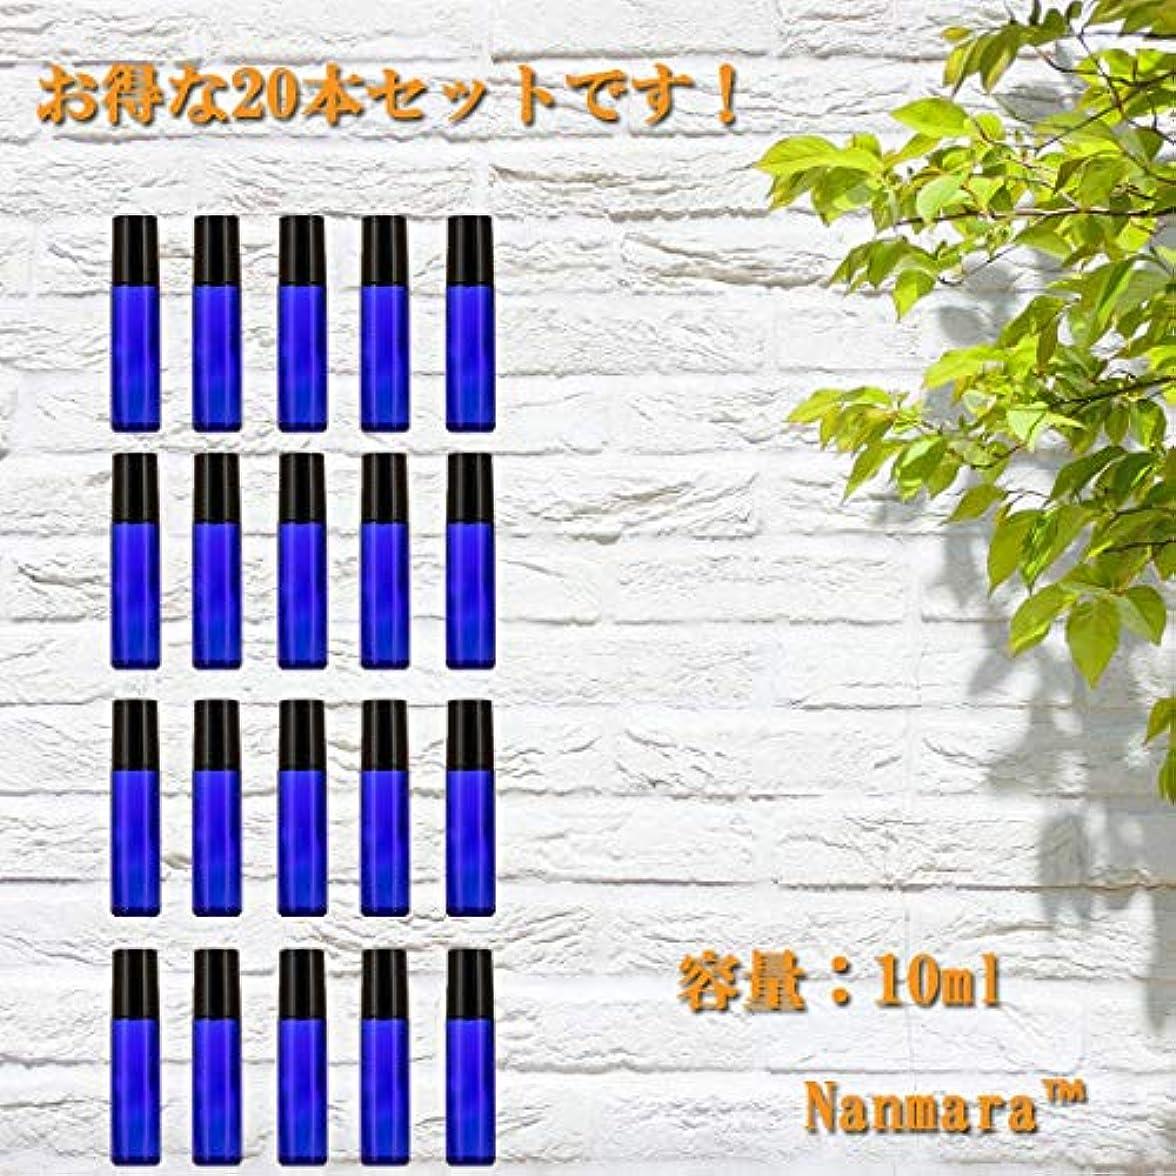 基礎理論系統的感度ロールオンボトル 10ml 遮光瓶 小分け ガラスボトル 詰め替え 容器 エッセンシャルオイル 遮光ビン ブルー (20個セット)